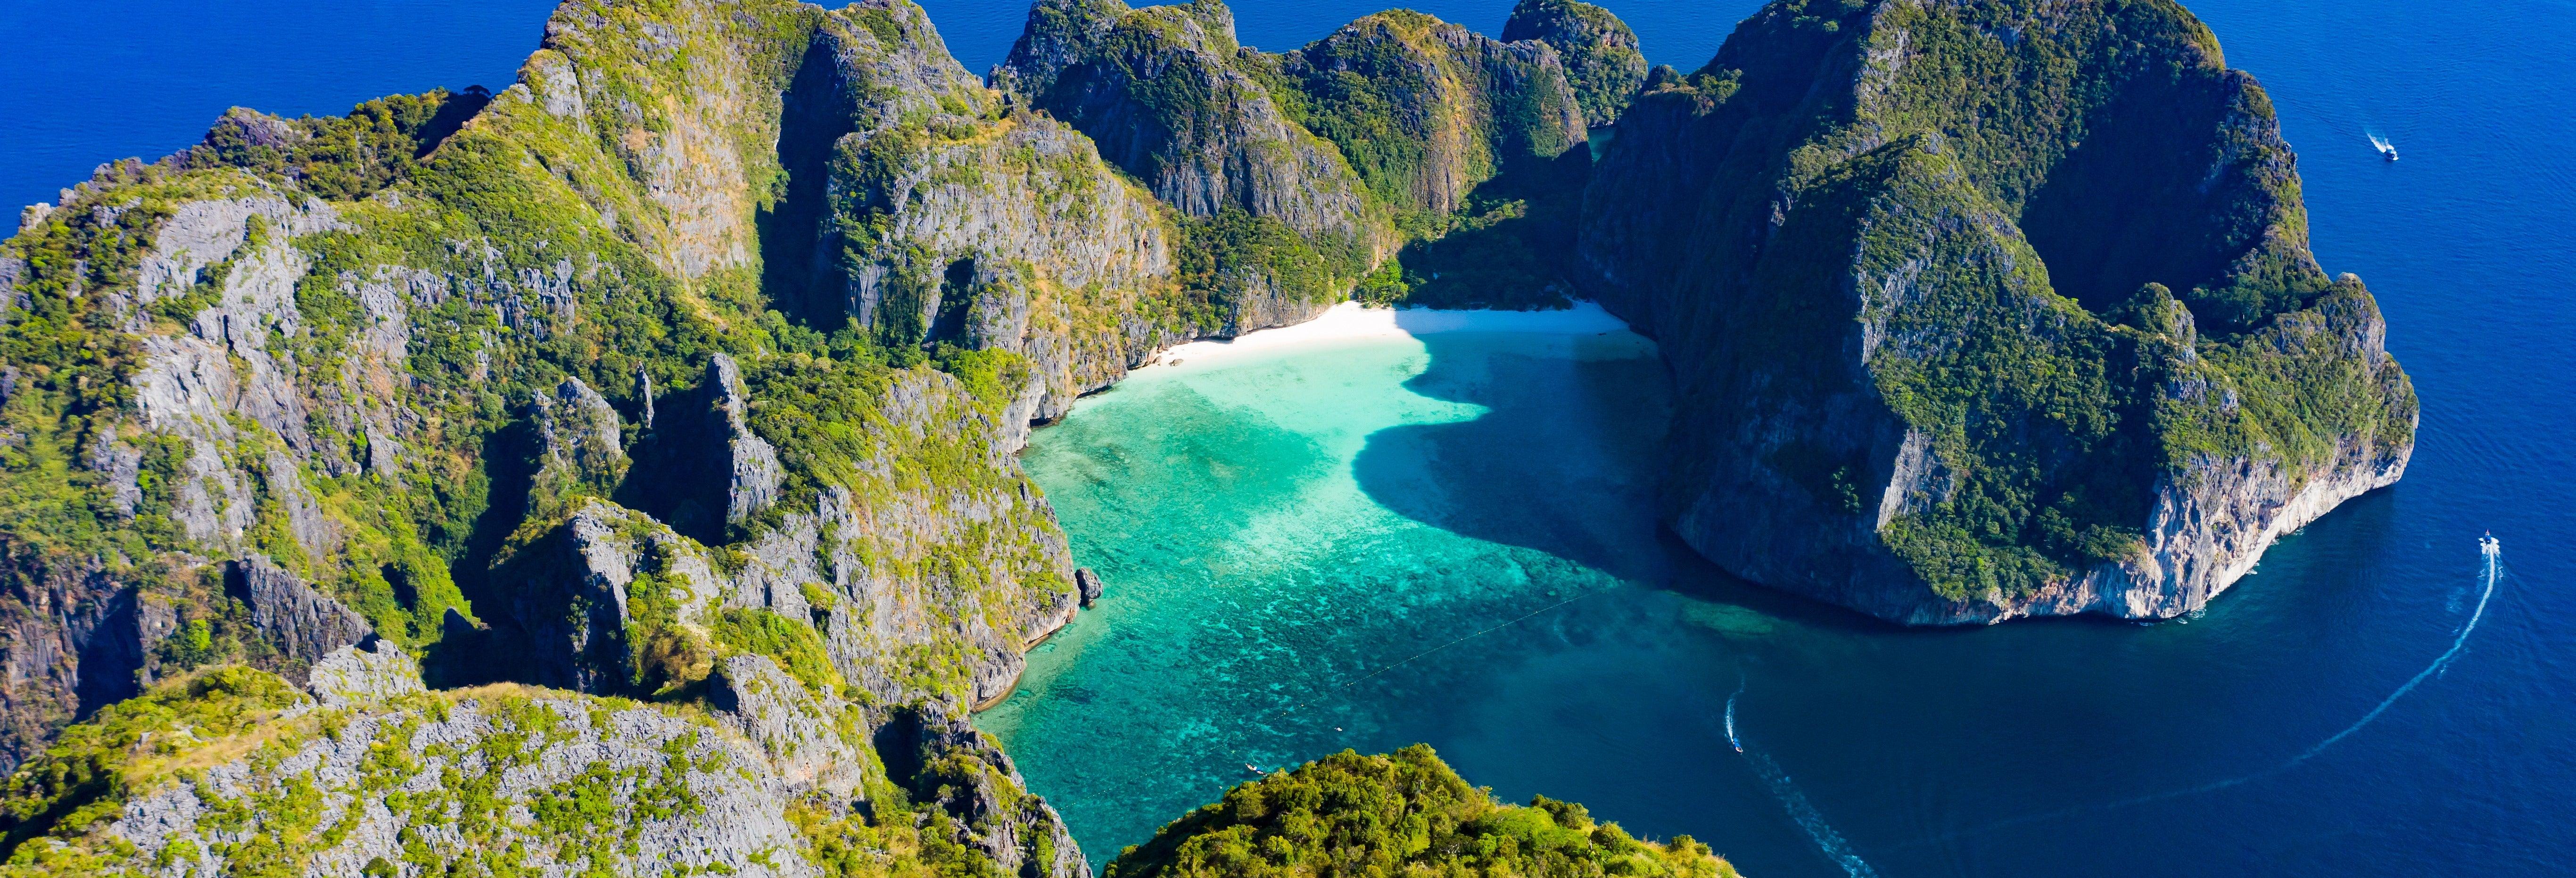 Crucero de 2 días por las islas Phi Phi